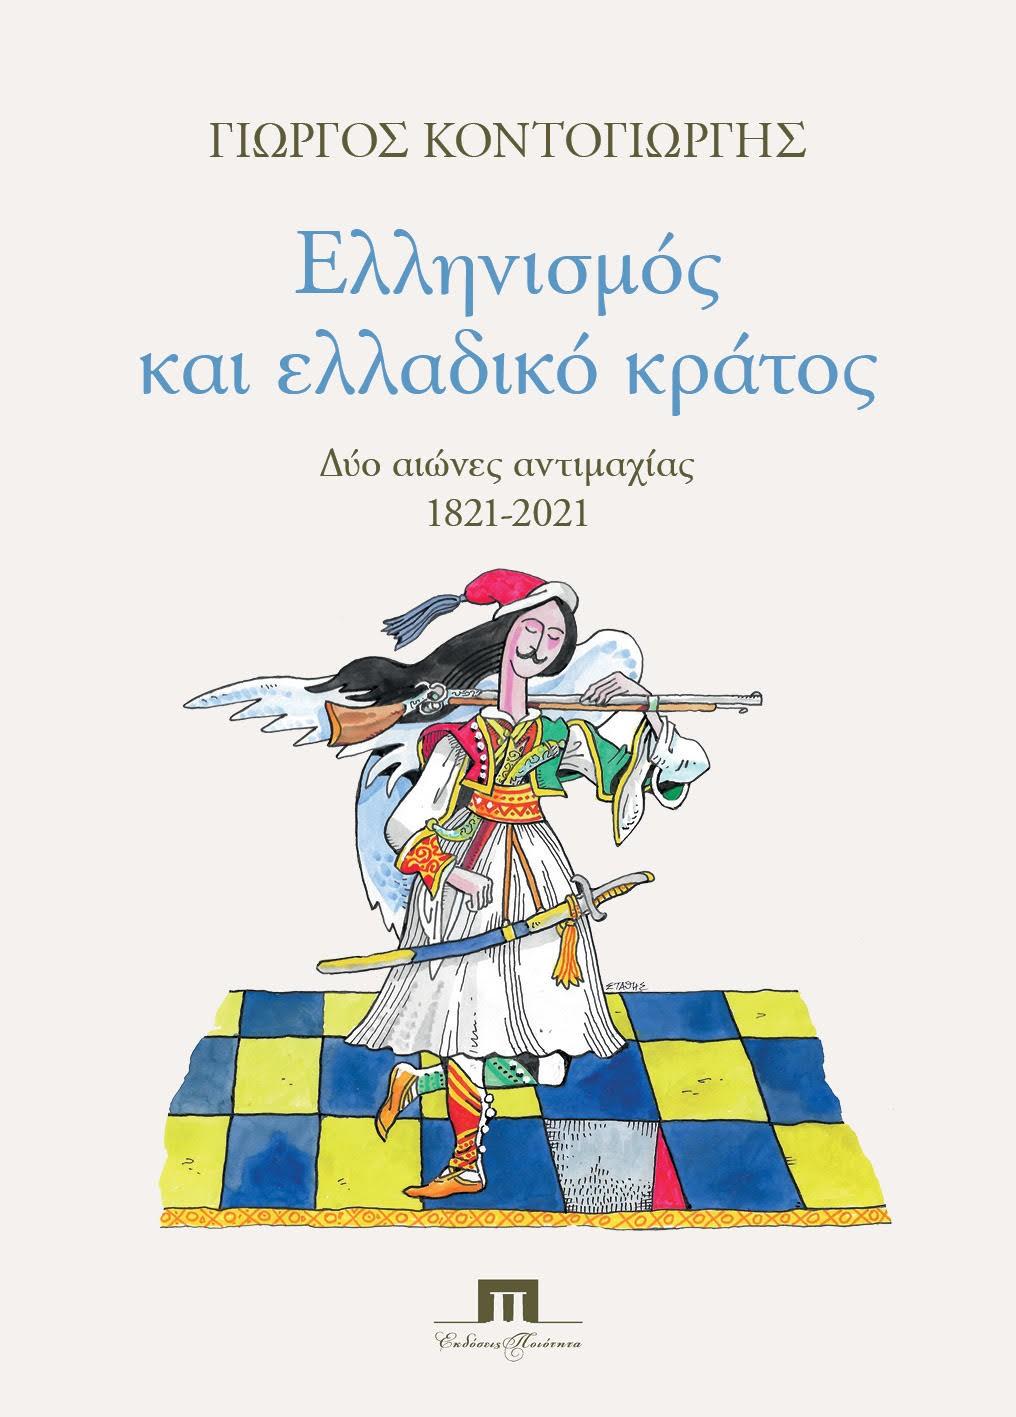 """Φιλοσοφικοί Διάλογοι με θέμα: """"Ελληνισμός και ελλαδικό κράτος. Δύο αιώνες αντιμαχίας, 1821-2021, Γιώργος Κοντογιώργης, ΜΕΡΟΣ Β΄"""